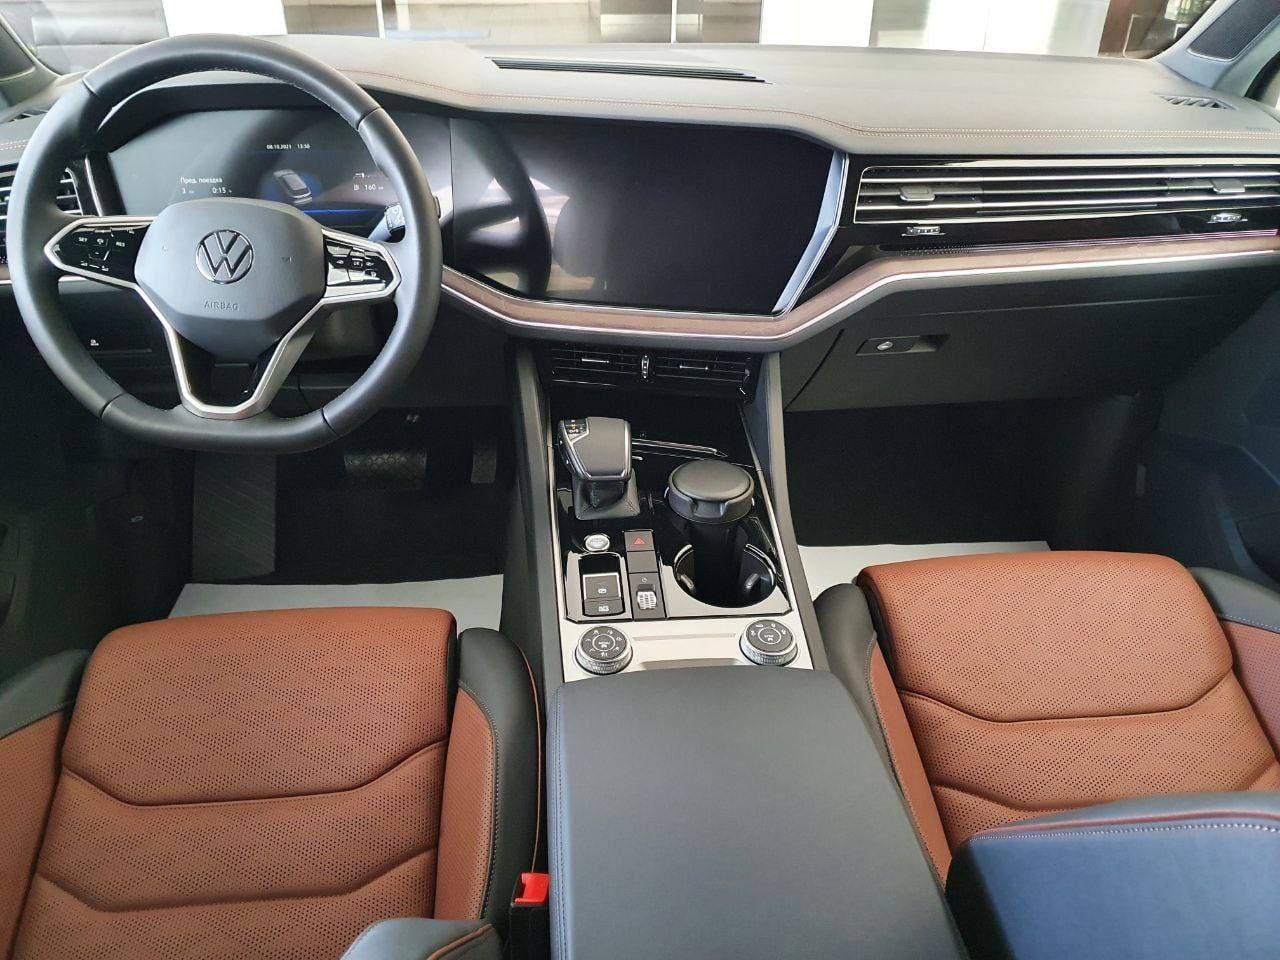 Новый Volkswagen Touareg 3.0 V6 TDI (249 л.с.) Дизельный 8-АКП 4Motion., Бежевый Sechura, Exclusive, 2021